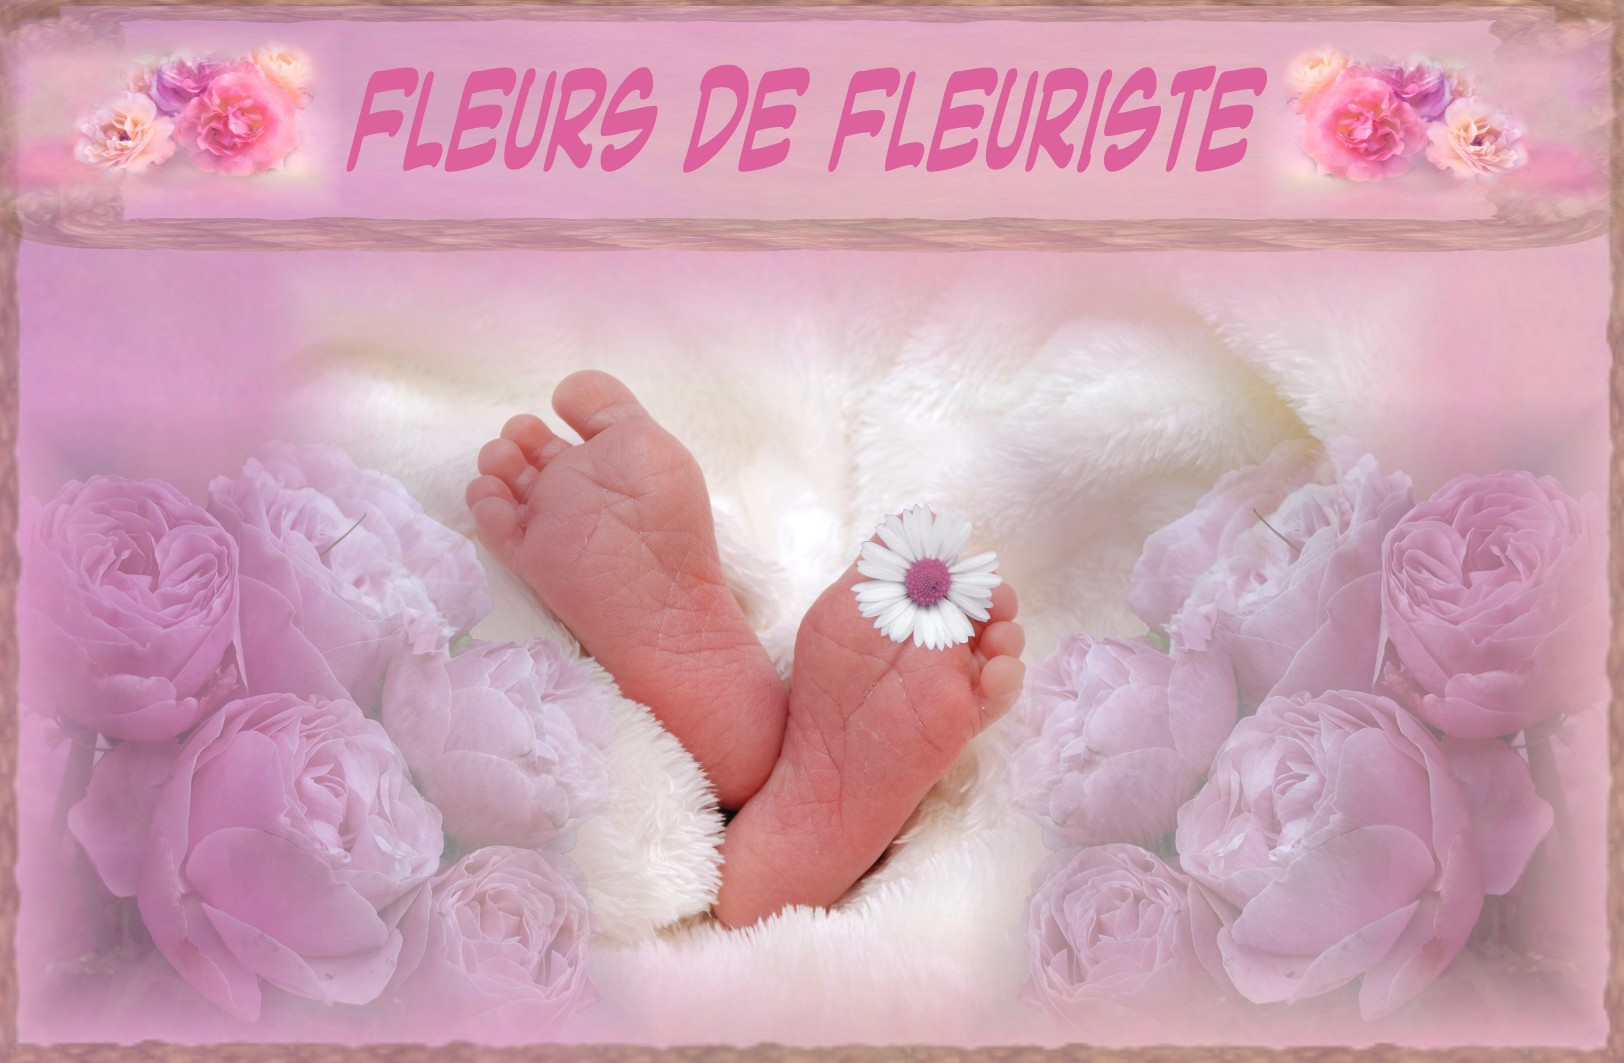 FLEURS POUR UNE NAISSANCE LA RICHARDAIS 35 - FLEURISTE LA RICHARDAIS 35 - ENVOYER FLEURS NAISSANCE LA RICHARDAIS 35 - ENVOI FLEURS NAISSANCE LA RICHARDAIS 35 - FLEURS BAPTEME LA RICHARDAIS 35 - livrer des fleurs pour une naissance, un baptême, une communion par un fleuriste de LA RICHARDAIS 35